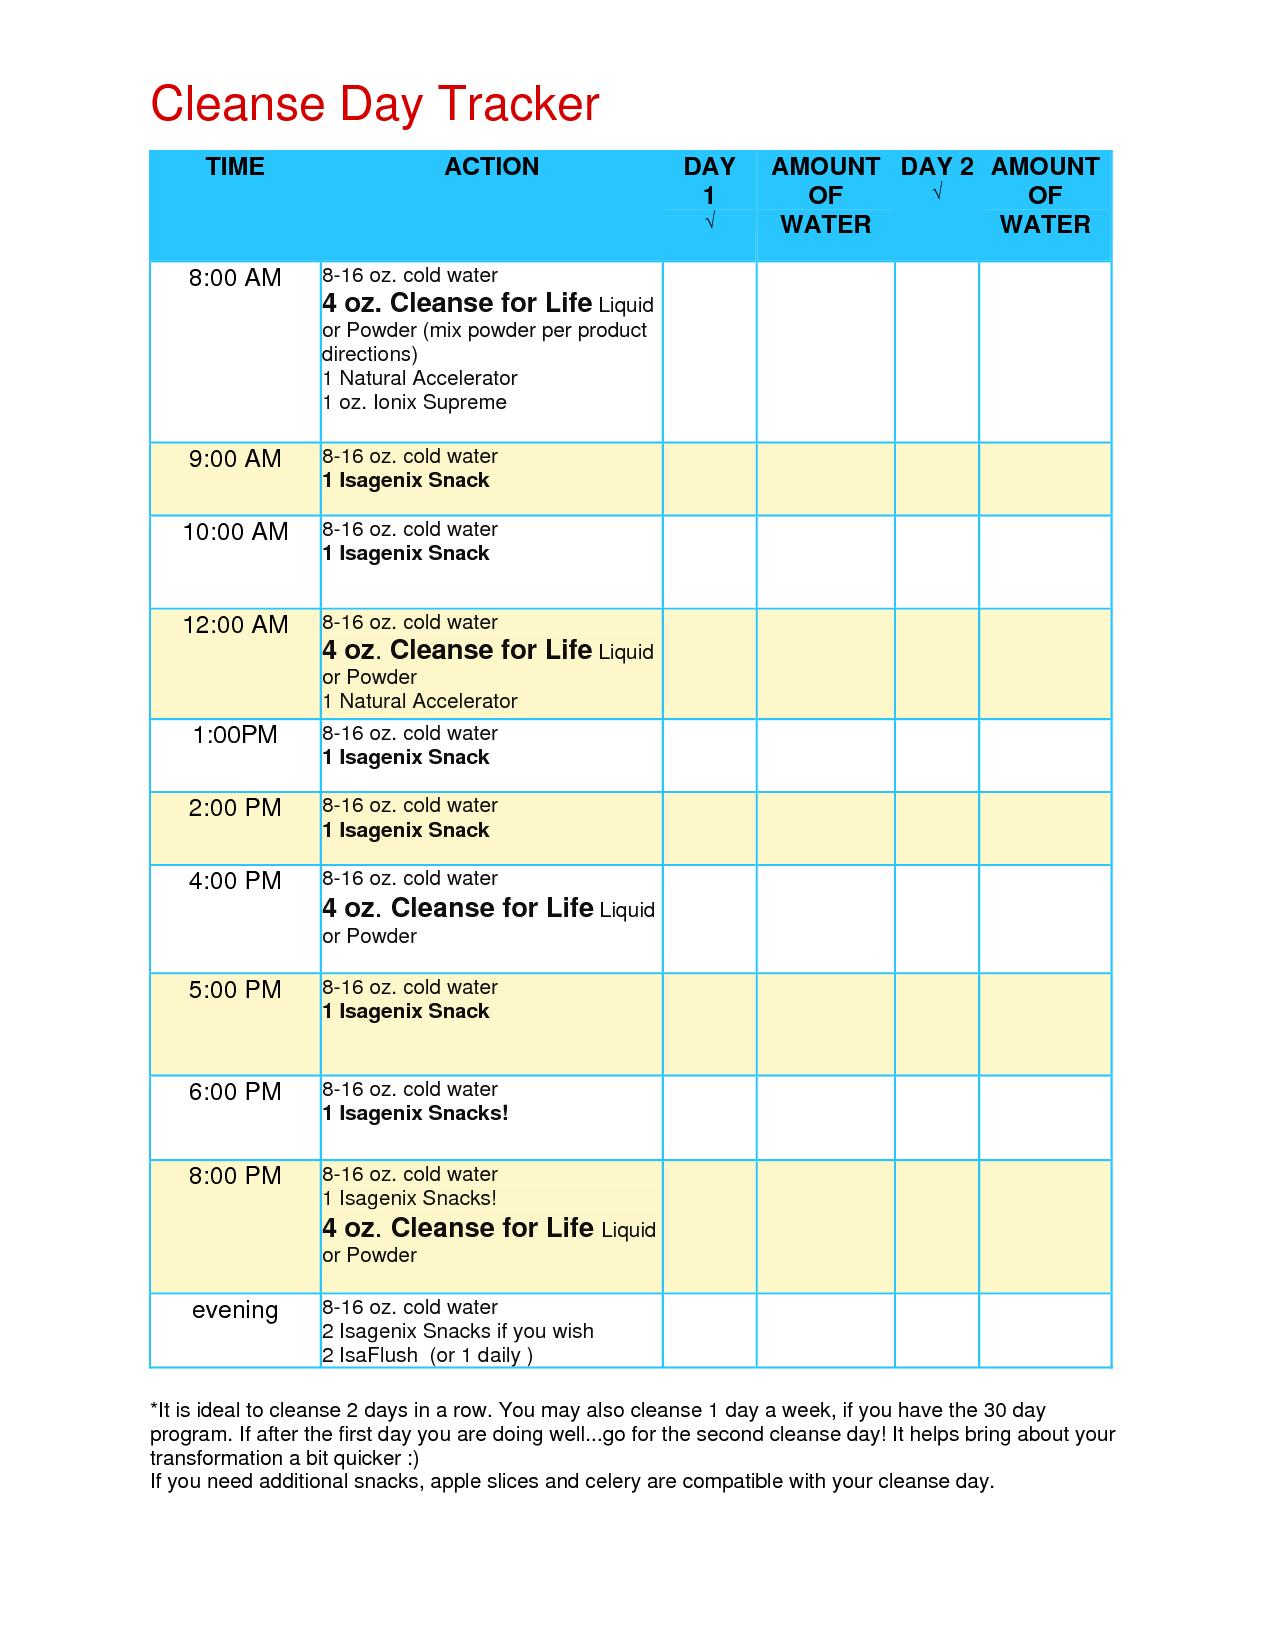 Cleanse Day Tracker   Isagenix Cleanse, Isagenix Snacks Throughout Isagenix Shake Day Schedule Printable